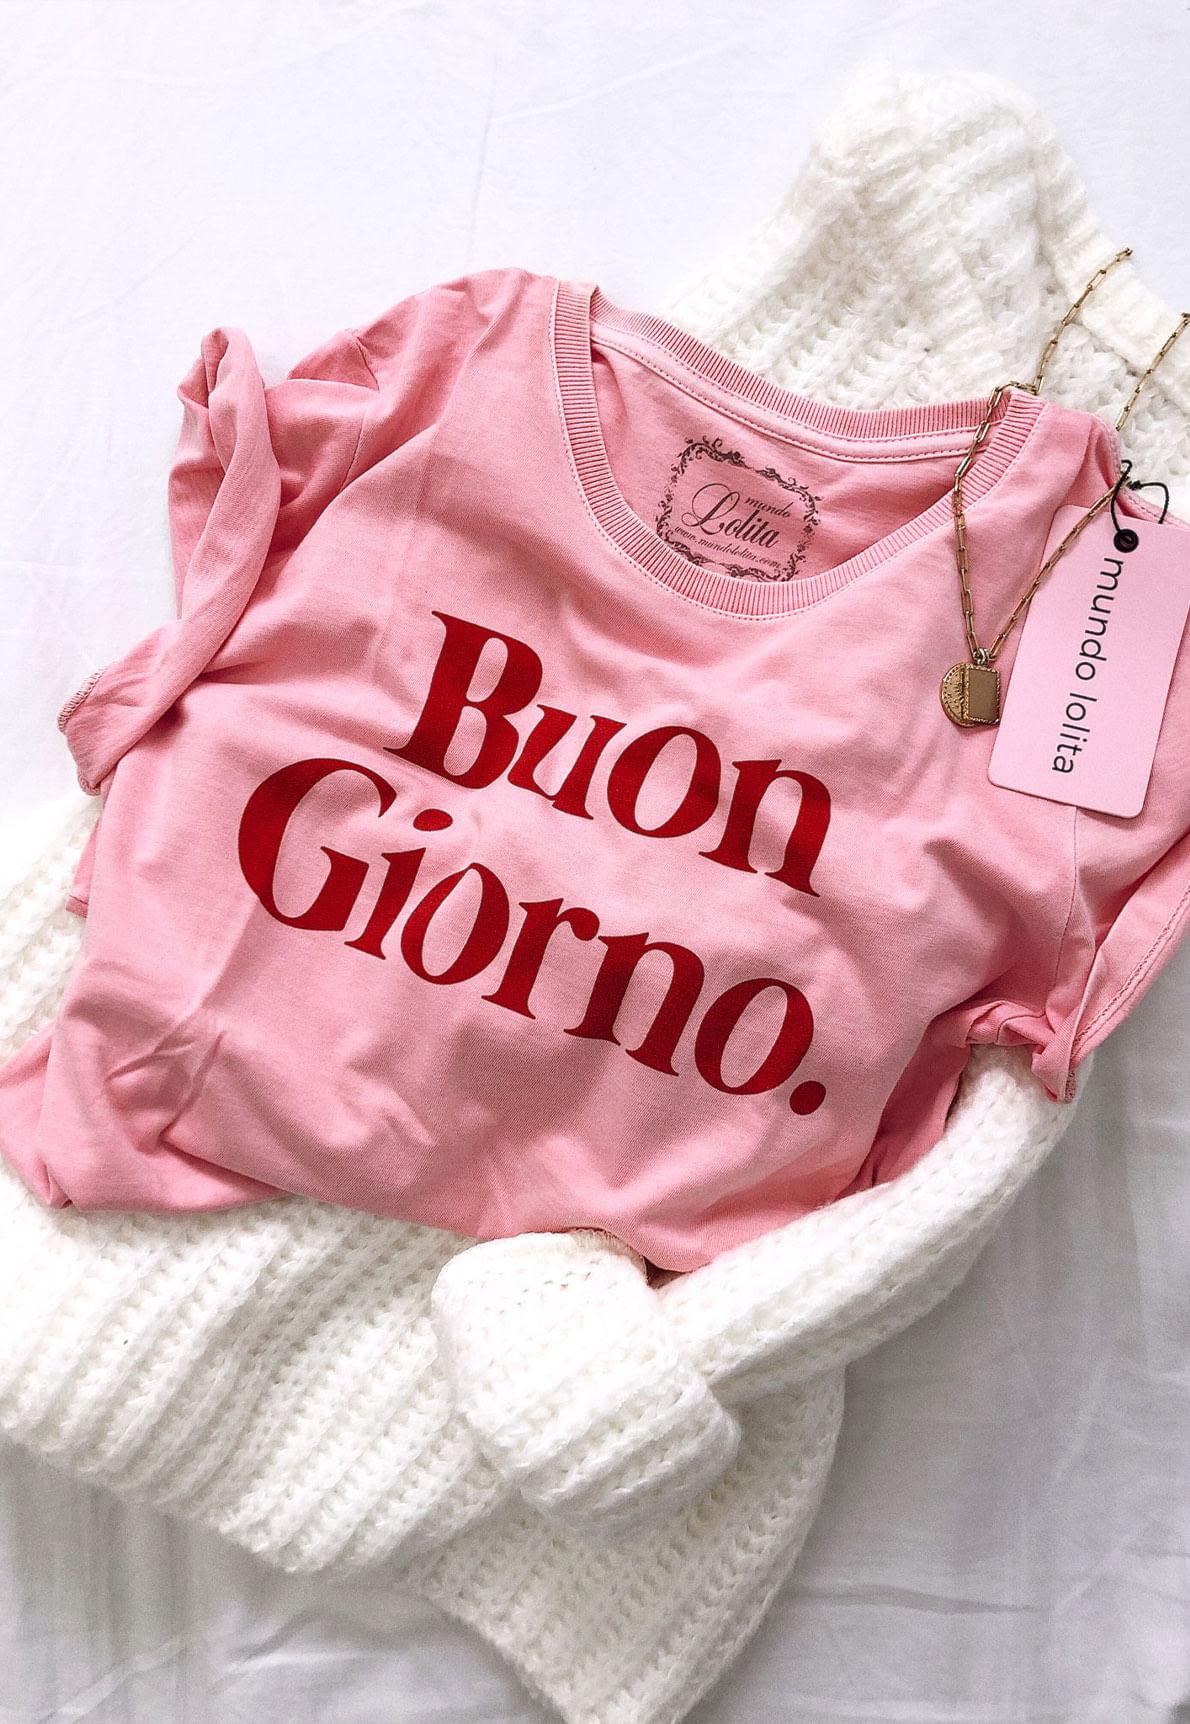 26998-t-shirt-rosa-mais-ajustada-buon-giorno-mundo-lolita-09